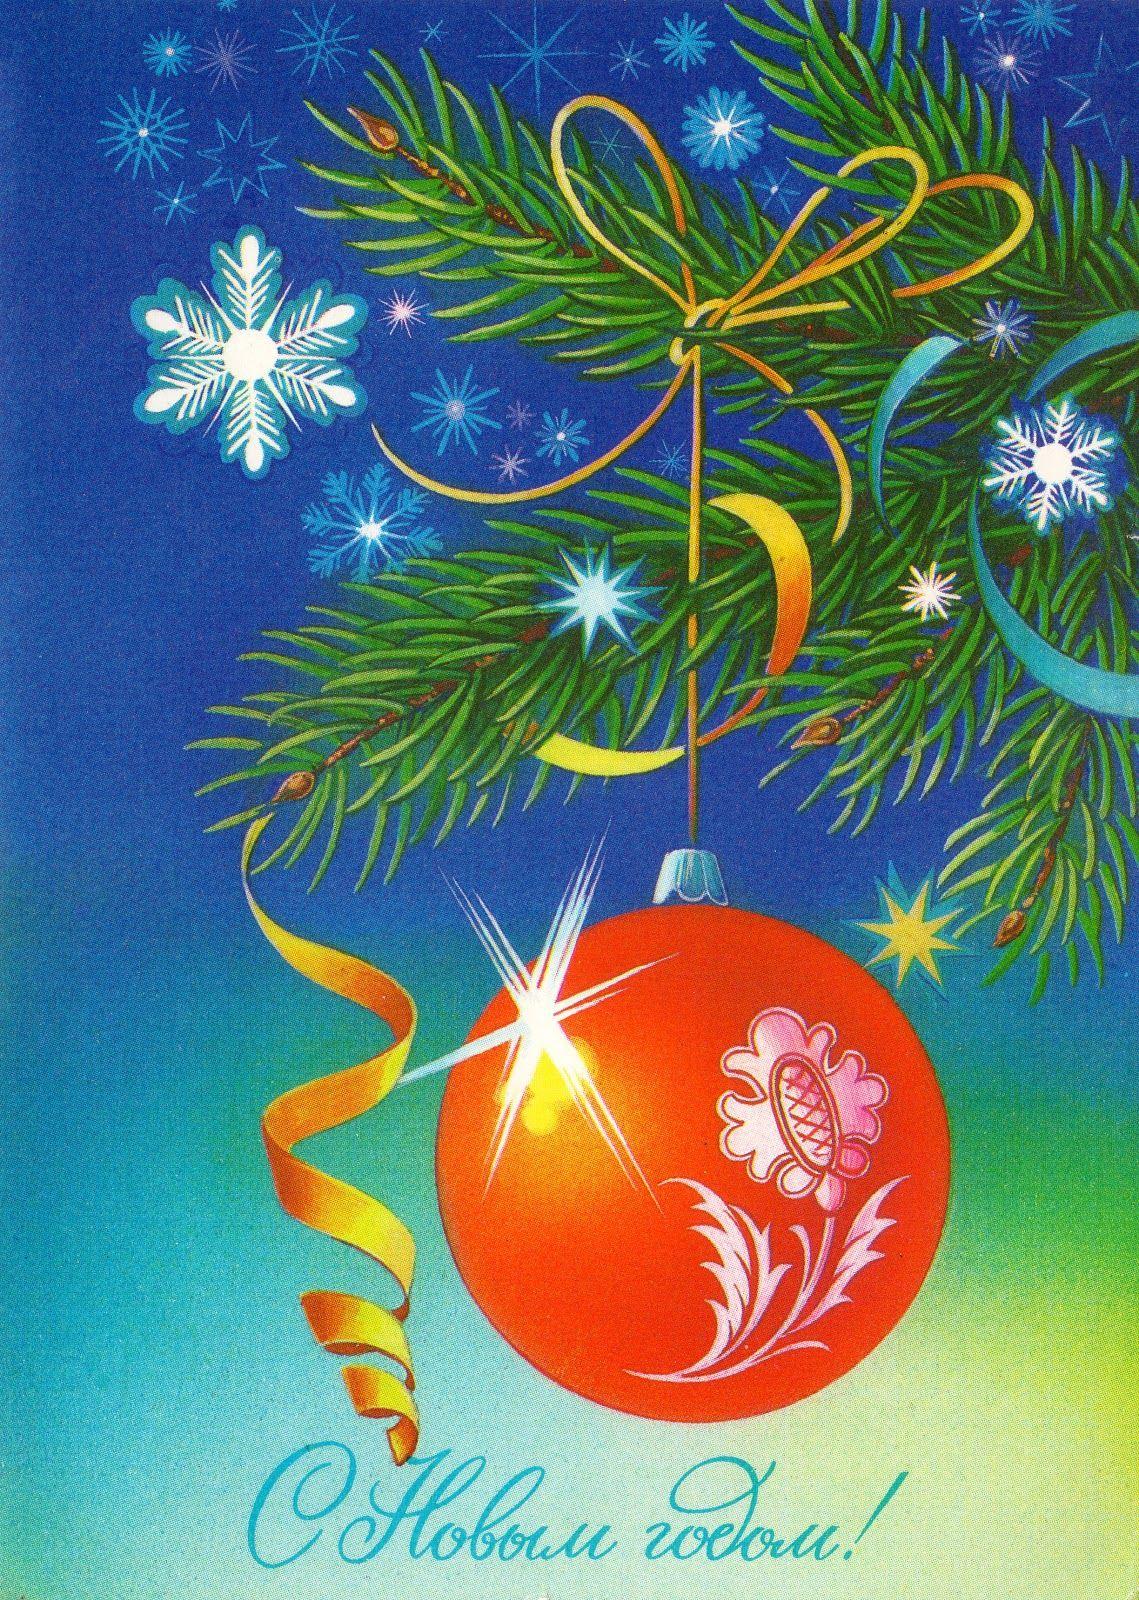 Открытка открытка, рисунки с открыток с новым годом